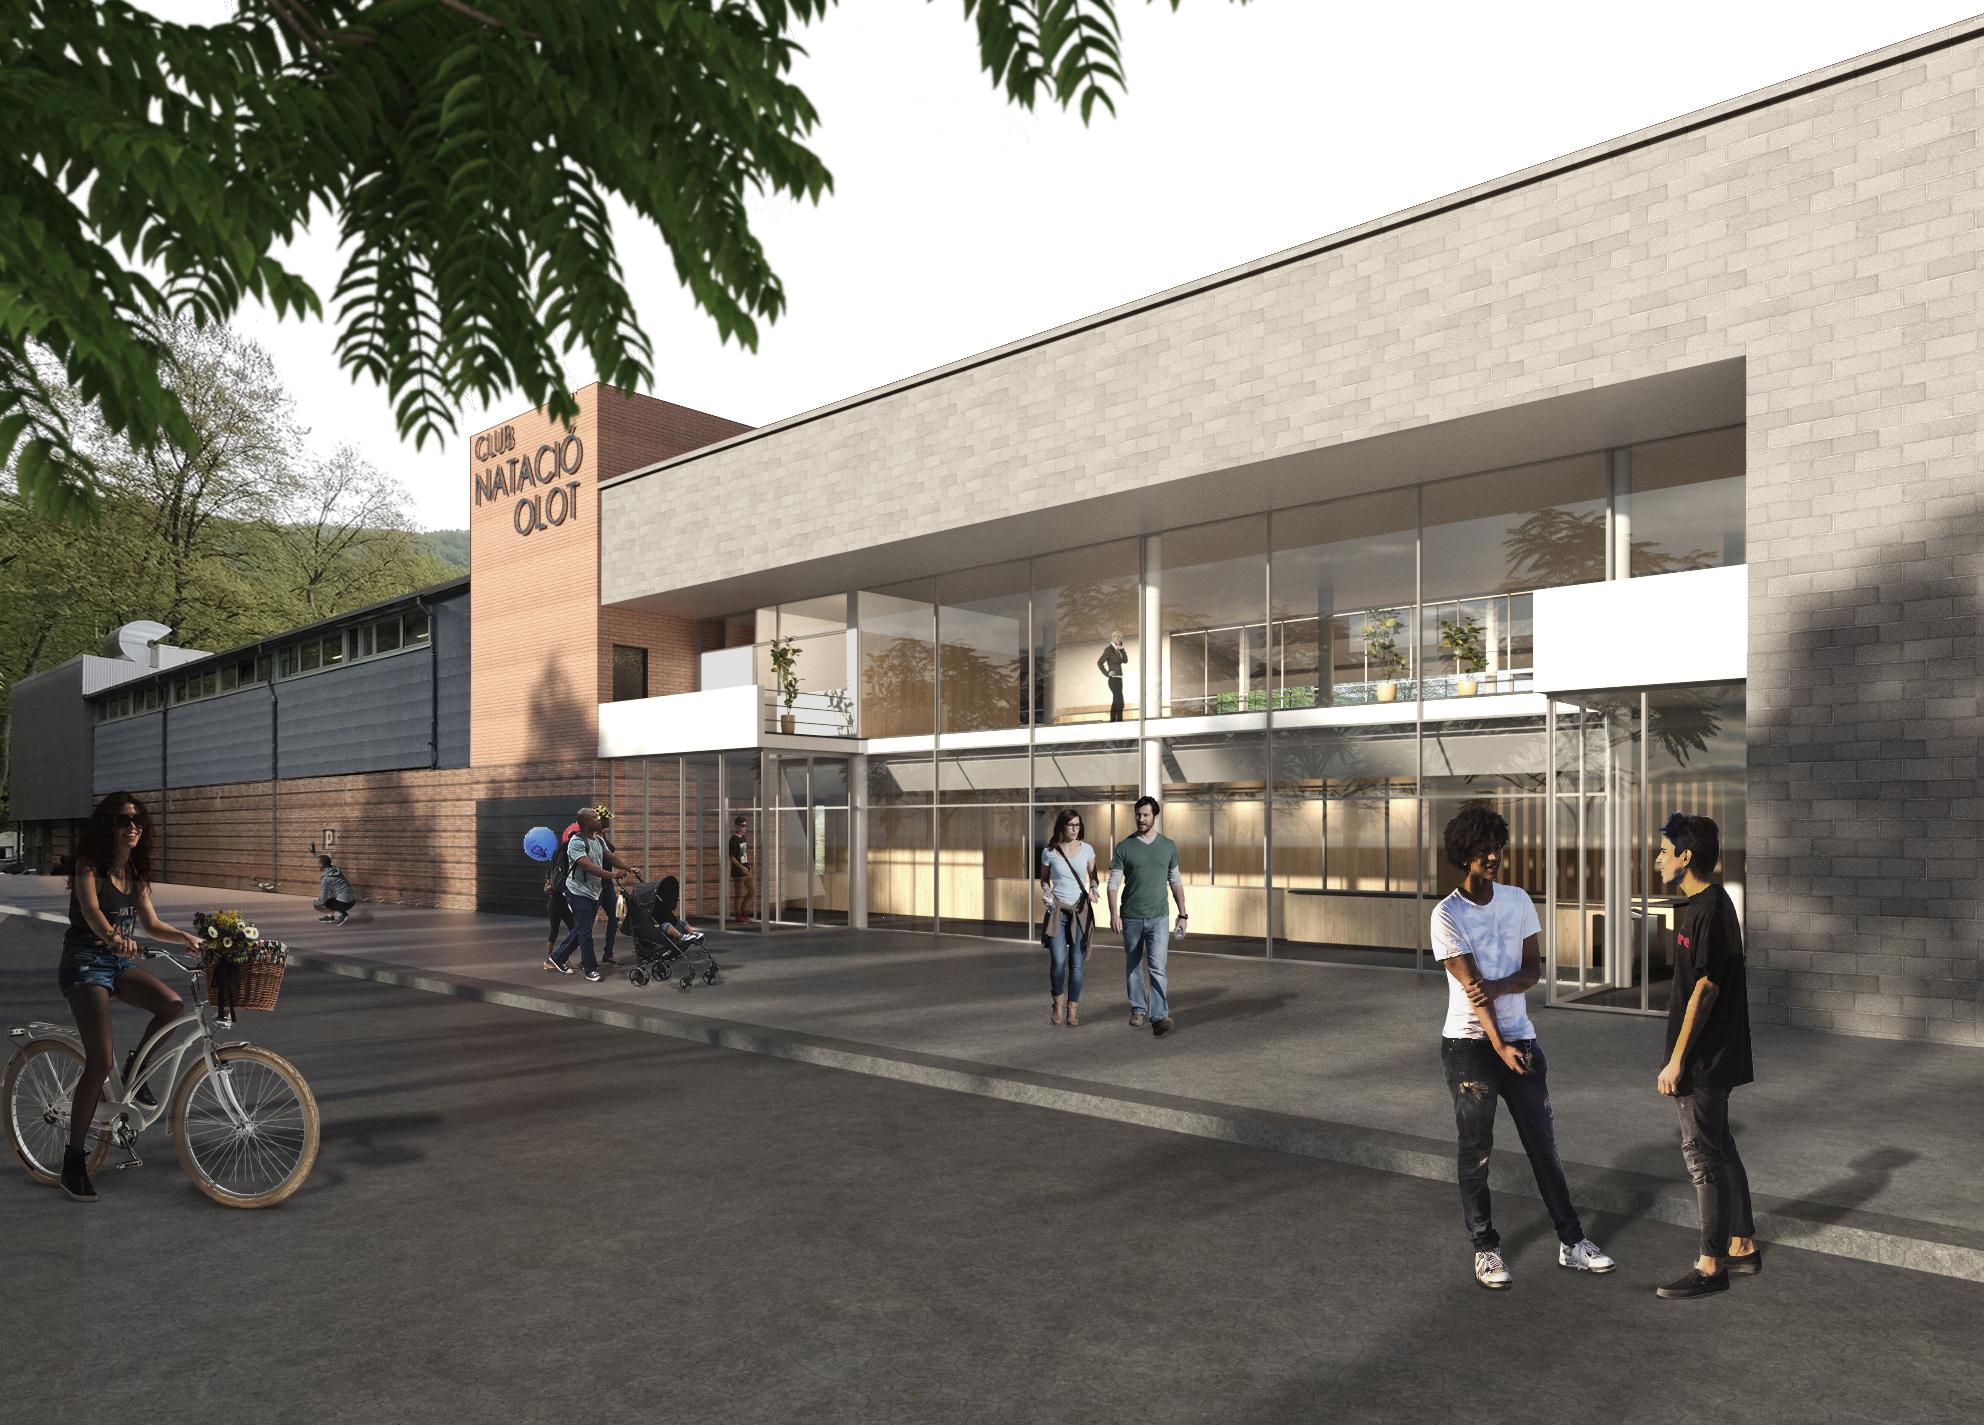 Així serà el Club Natació Olot; es presenta el disseny de l'edifici central